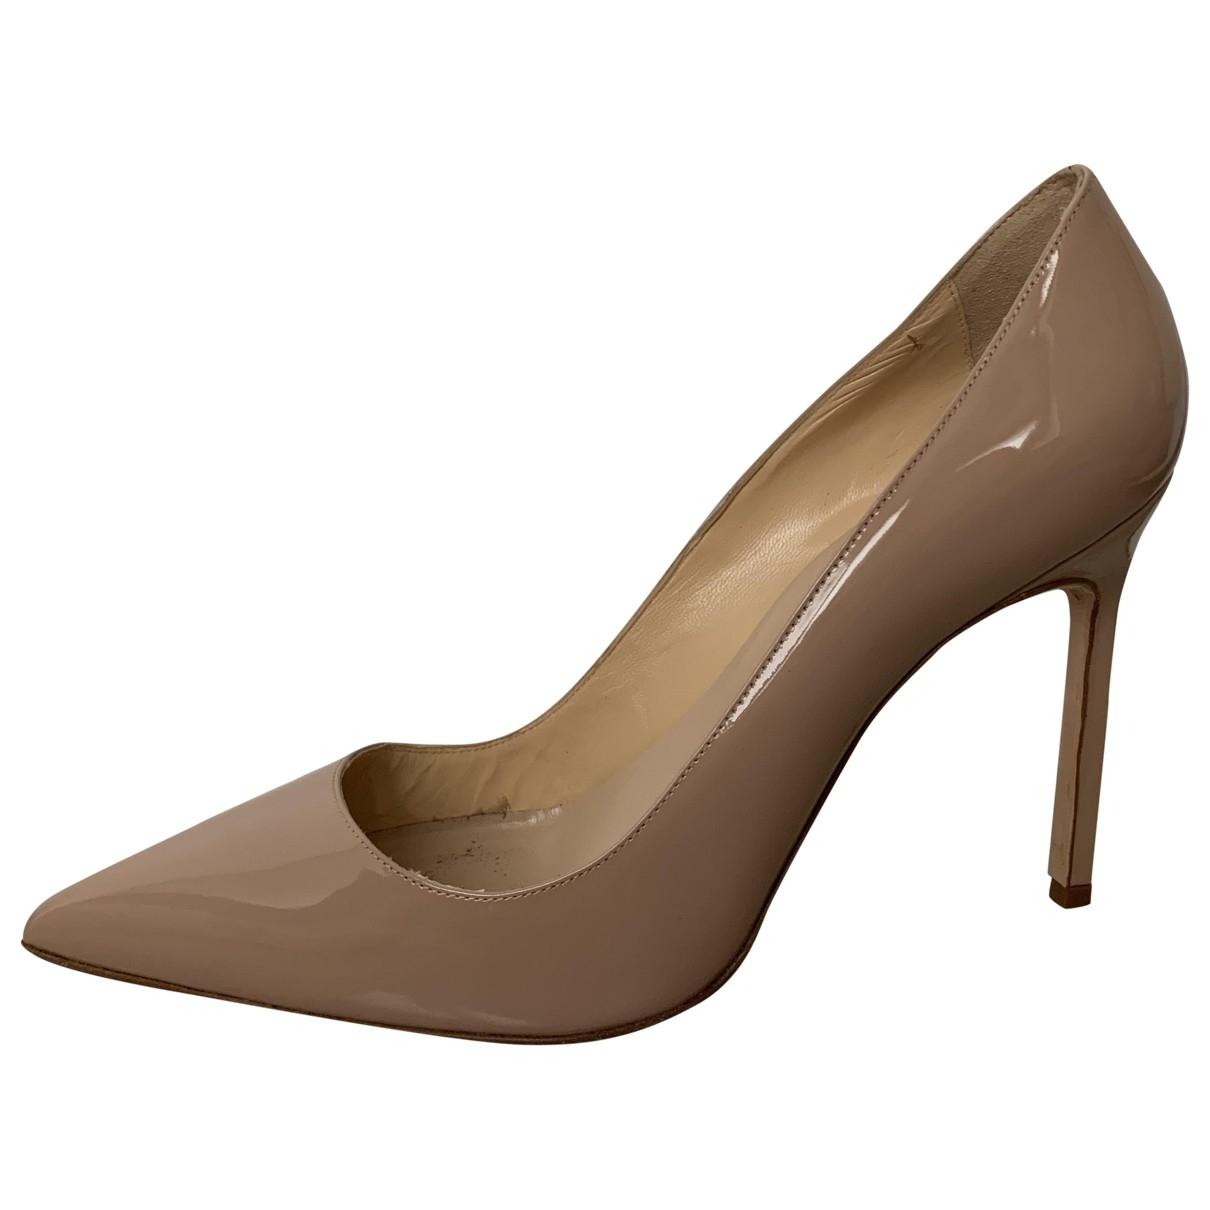 Manolo Blahnik - Escarpins   pour femme en cuir verni - beige